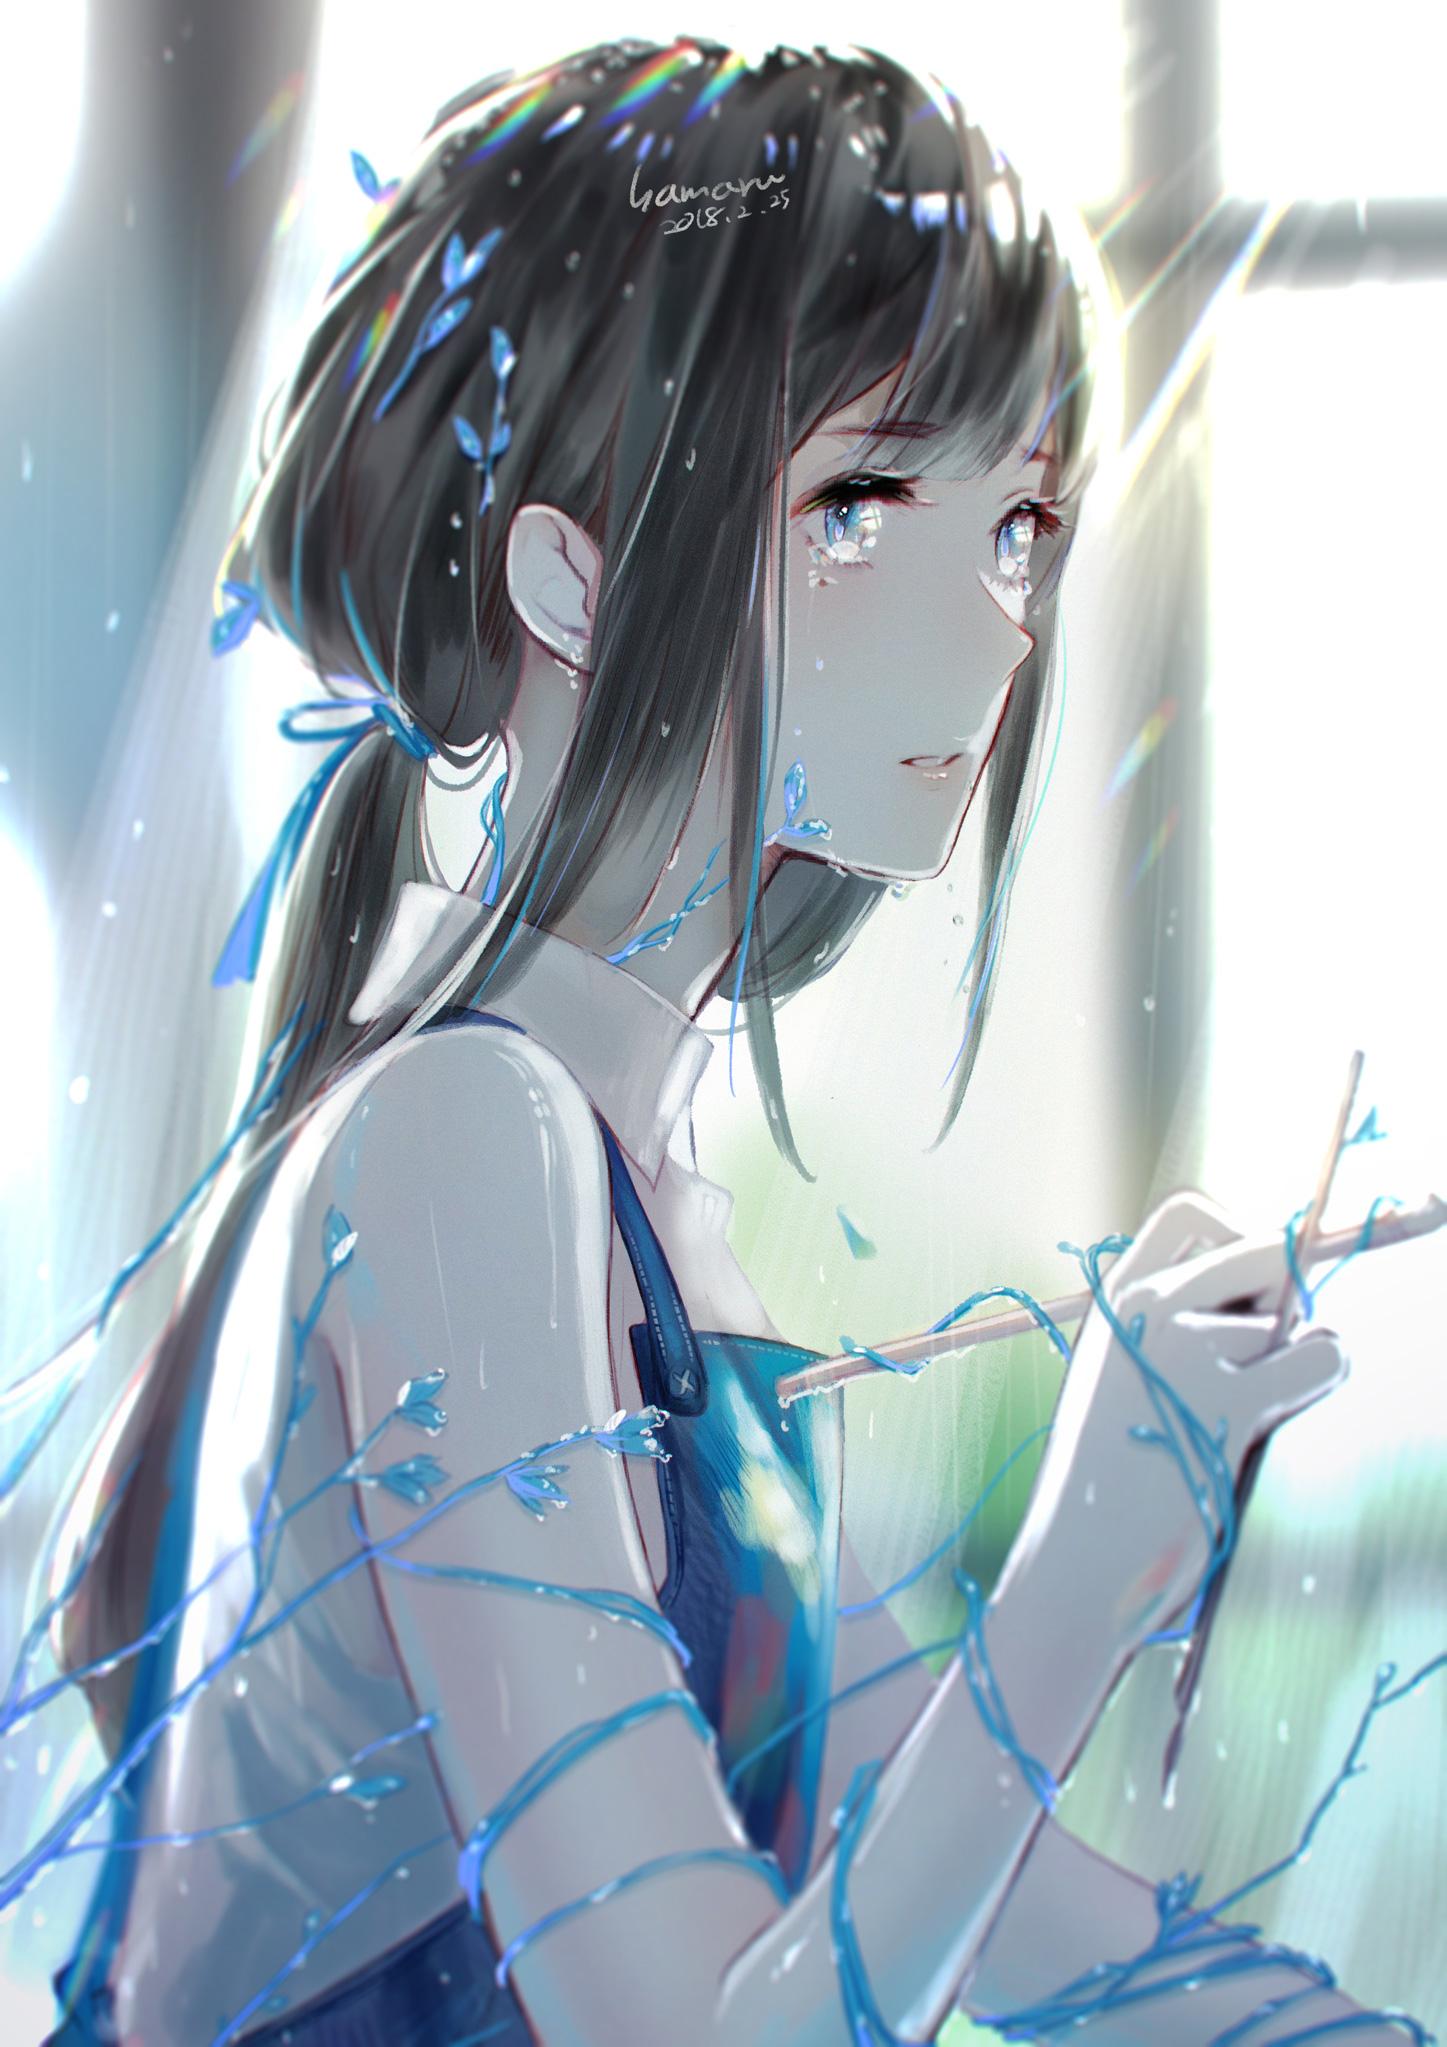 Аниме девушки и слезы в картинках